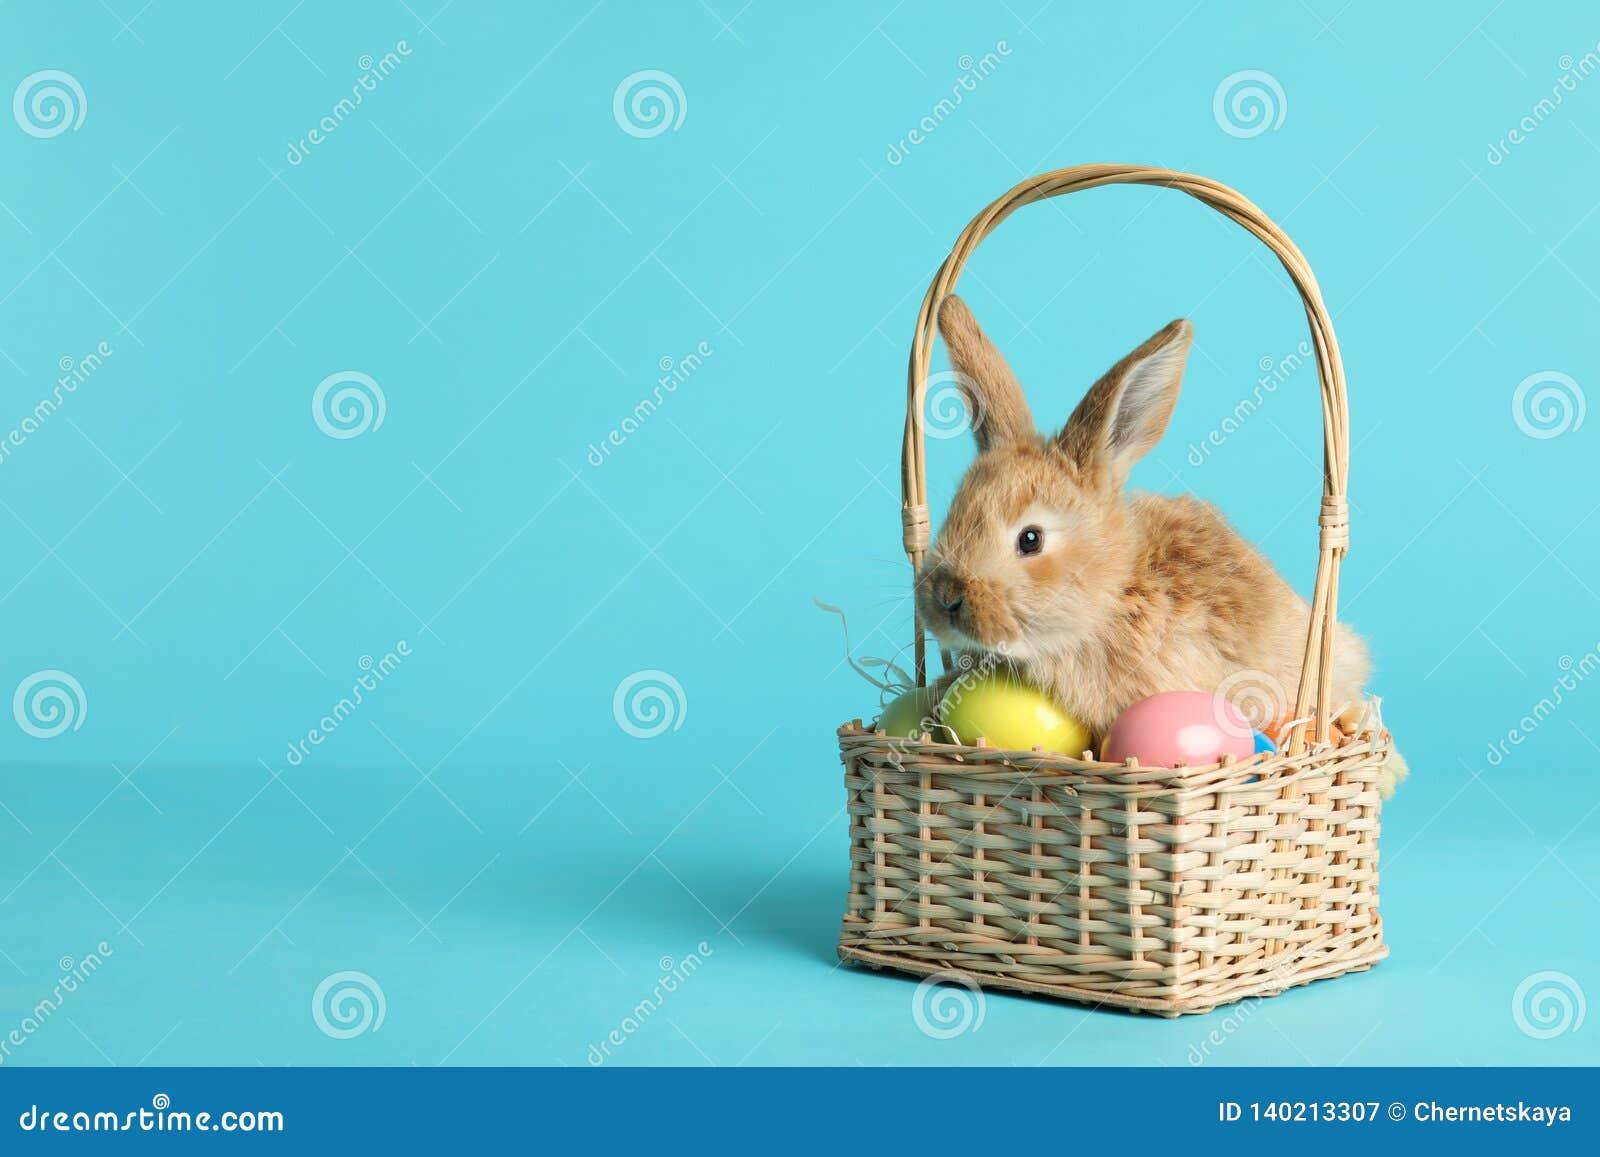 Coniglietto di pasqua simile a pelliccia adorabile in canestro di vimini con le uova tinte sul fondo di colore